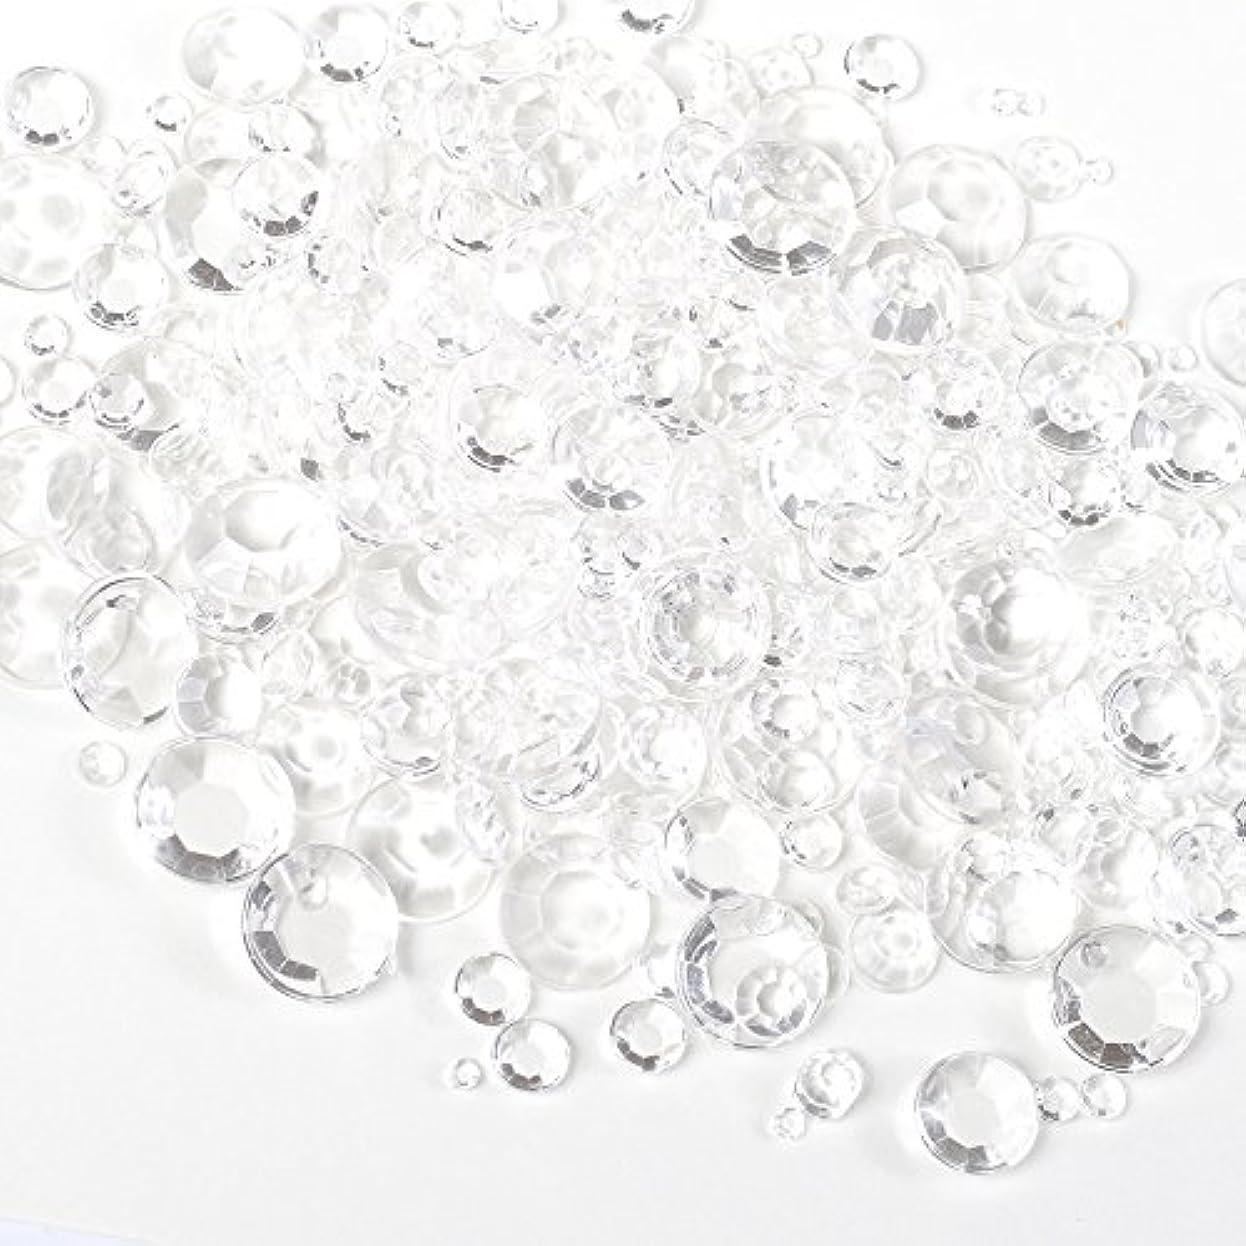 賛辞原子ハドルサイズ ミックス (全透明) スケルトン ラインストーン 約5g クリア アンホイル 【ラインストーン77】